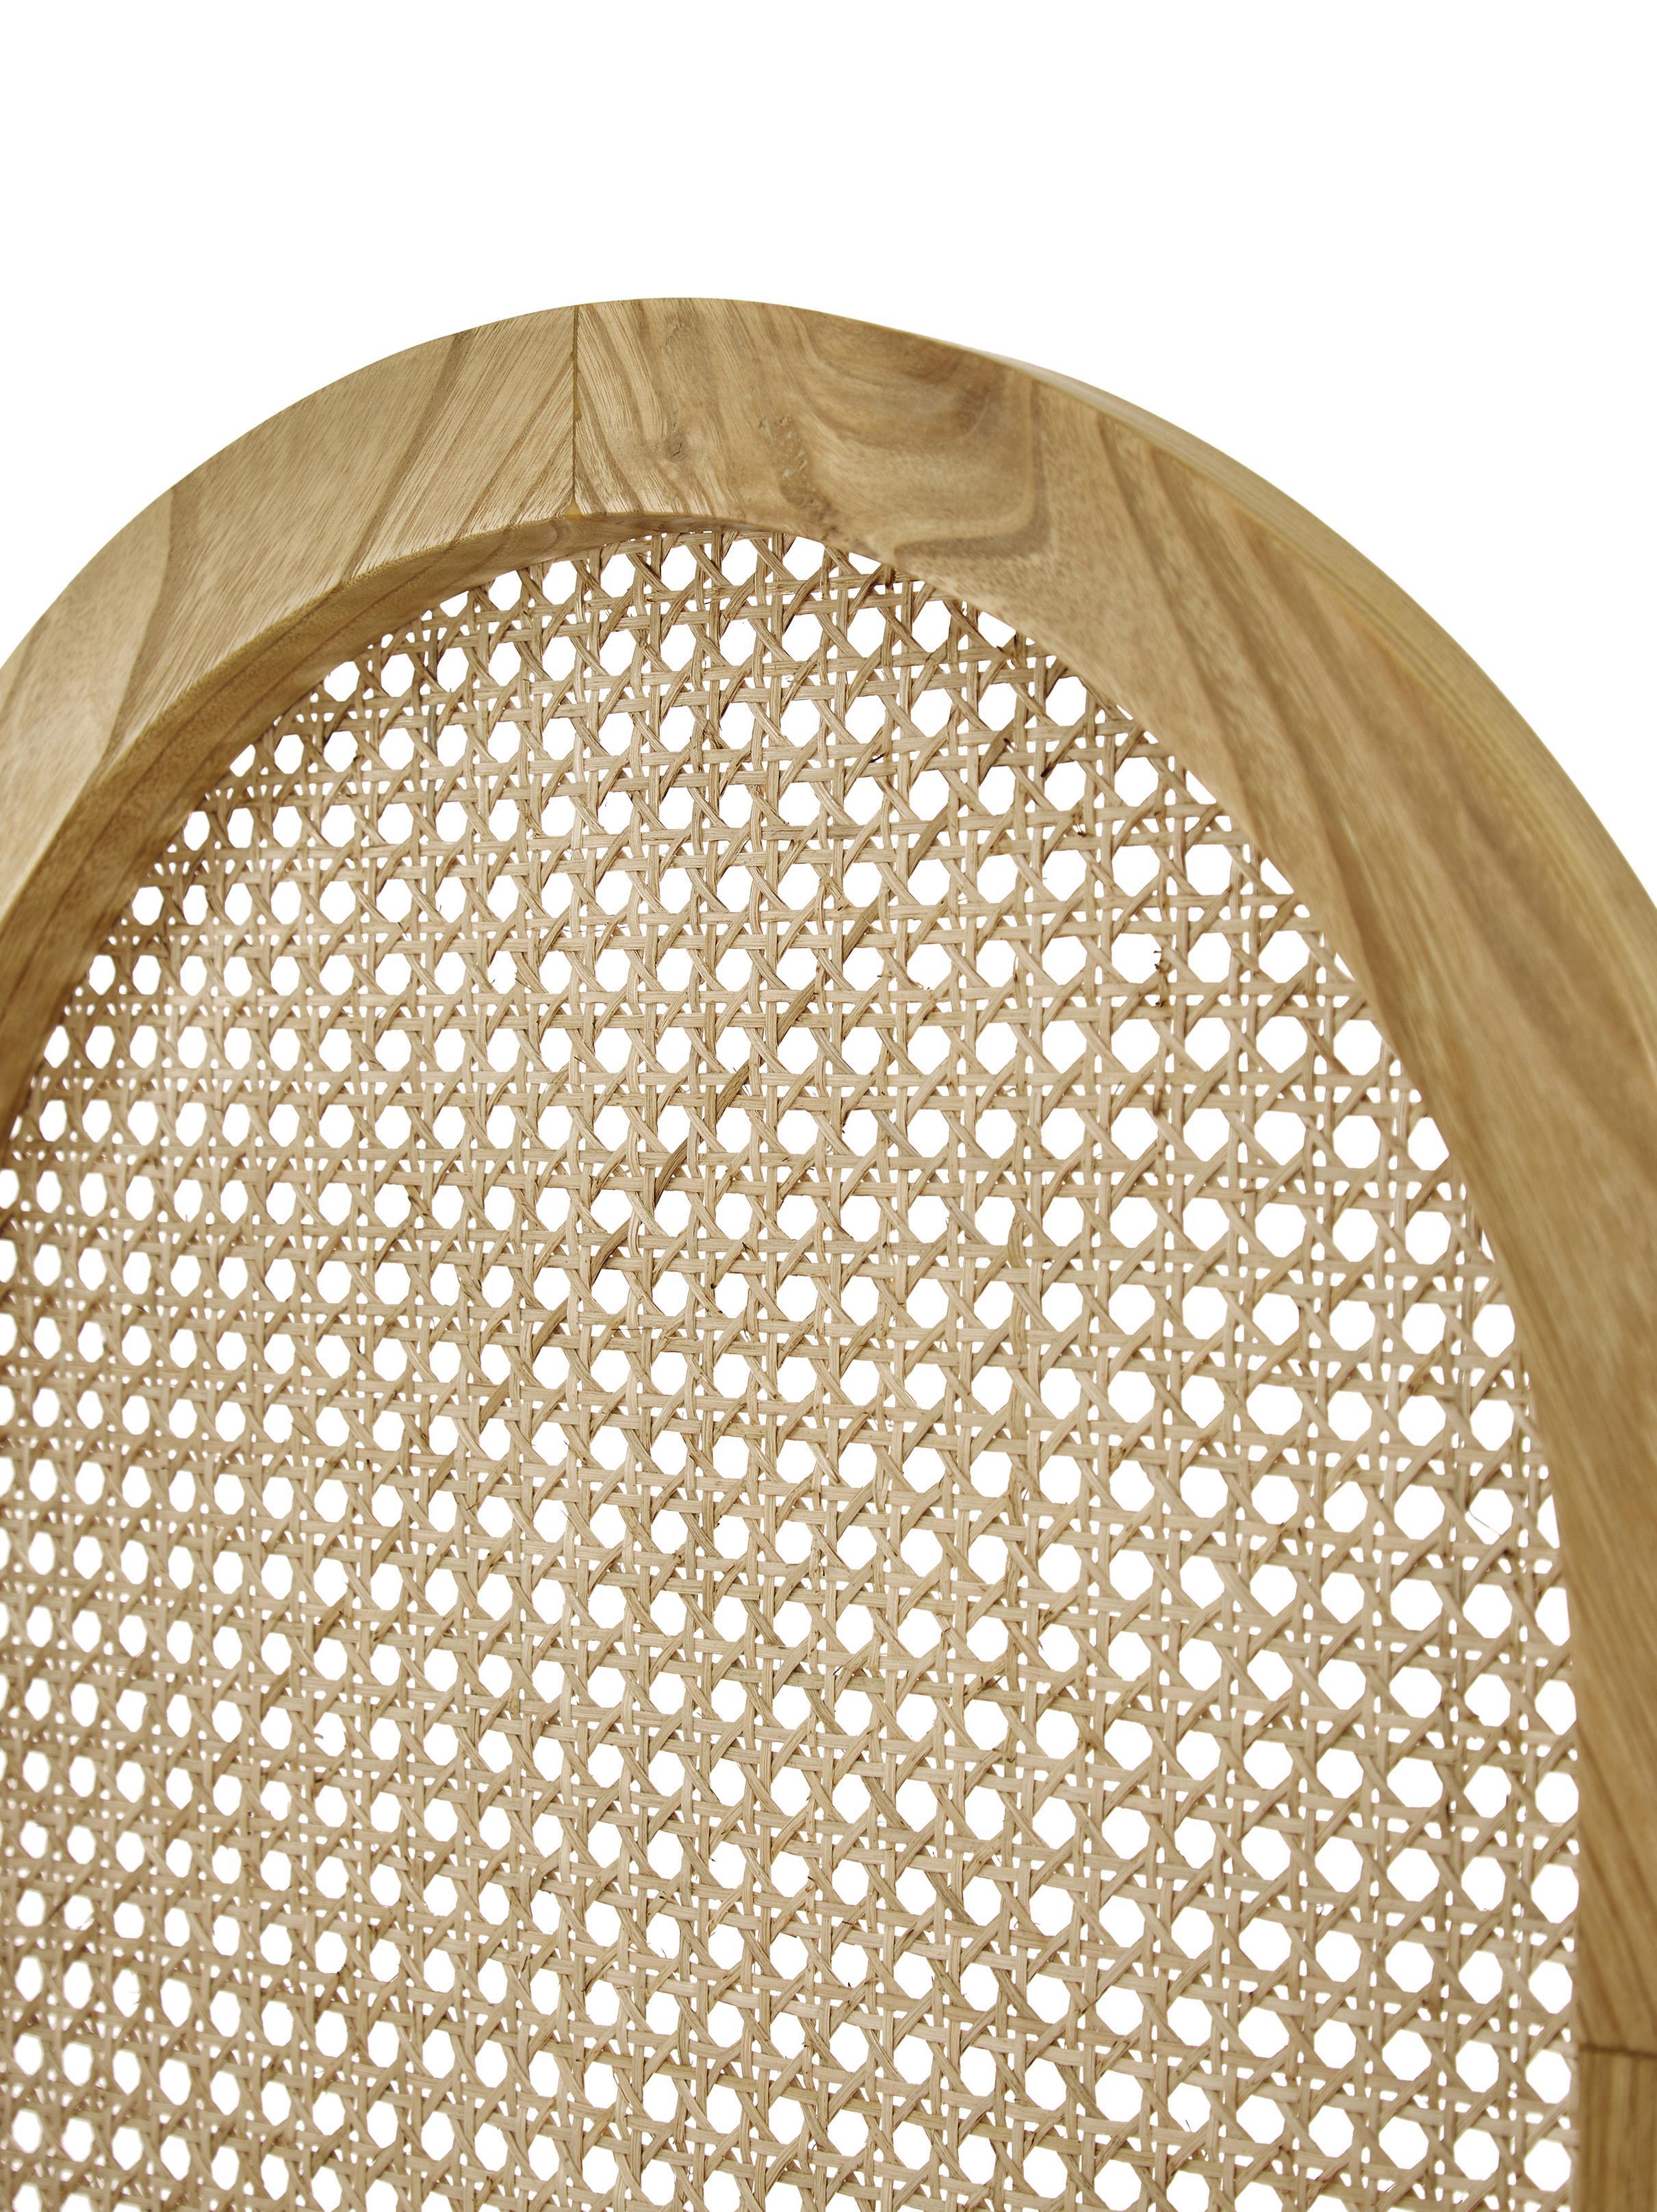 Paravent Webbing, Rahmen: Sungkai Holz, Wiener Geflecht: Zuckerrohr, Sungkai Holz, 150 x 180 cm